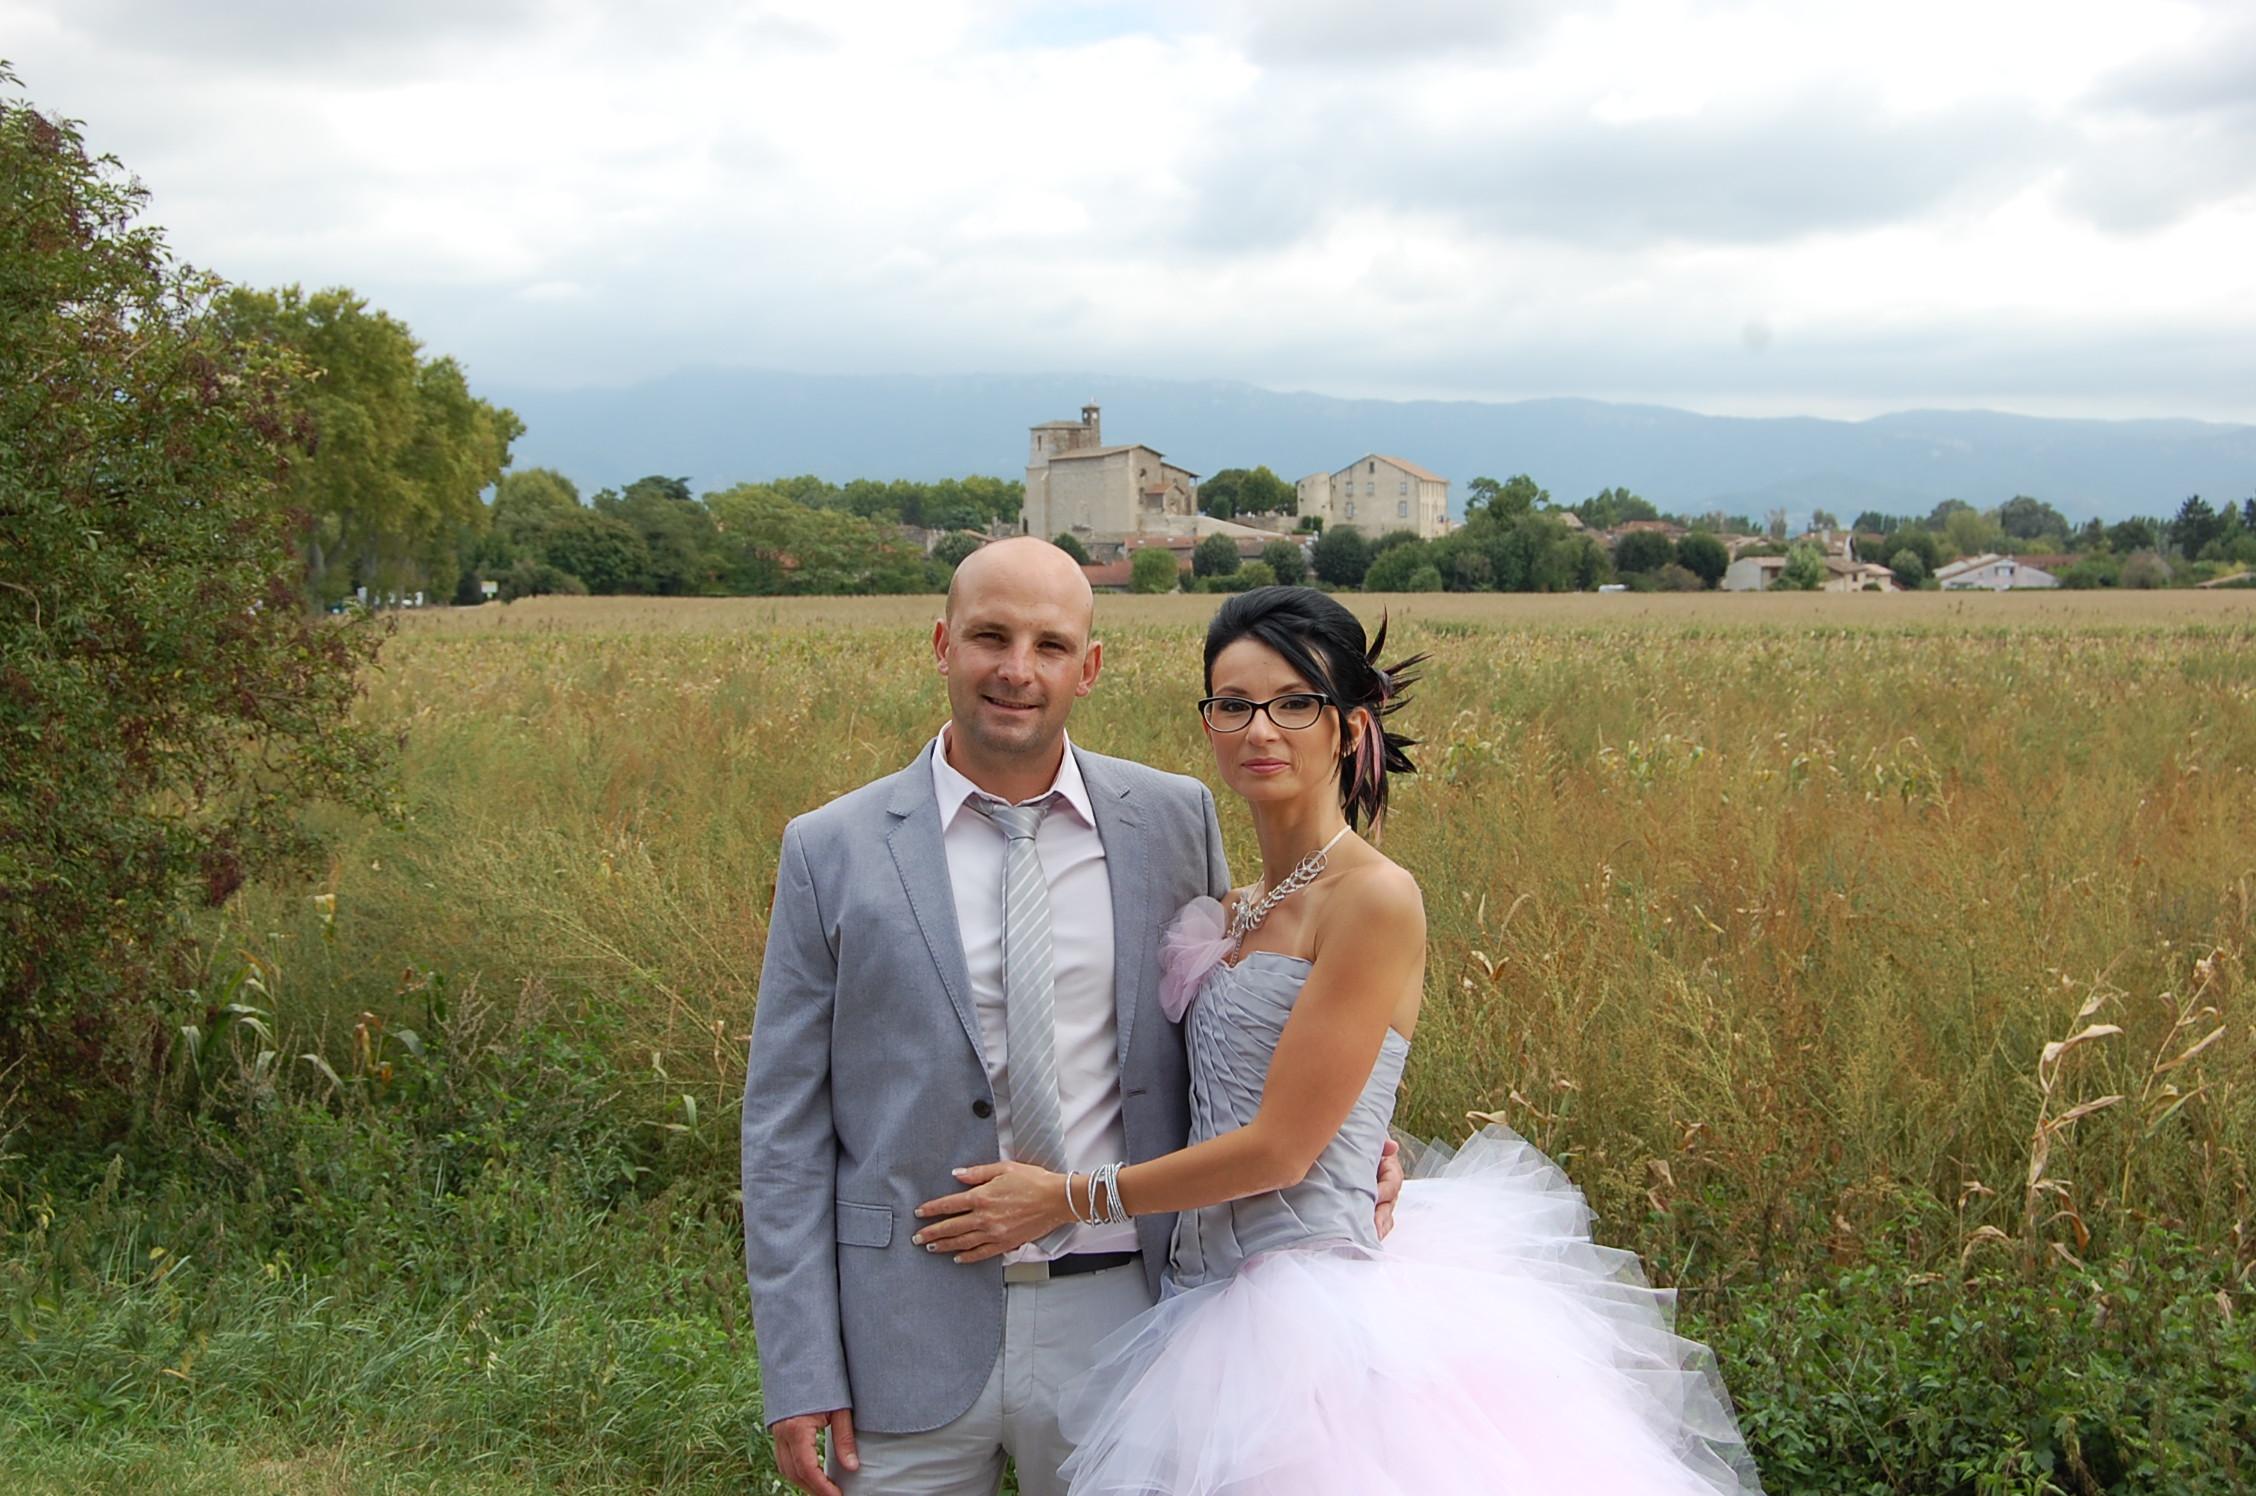 Le mariage 100 % Mlle Dentelle et 100 % DIY de Stéphanie